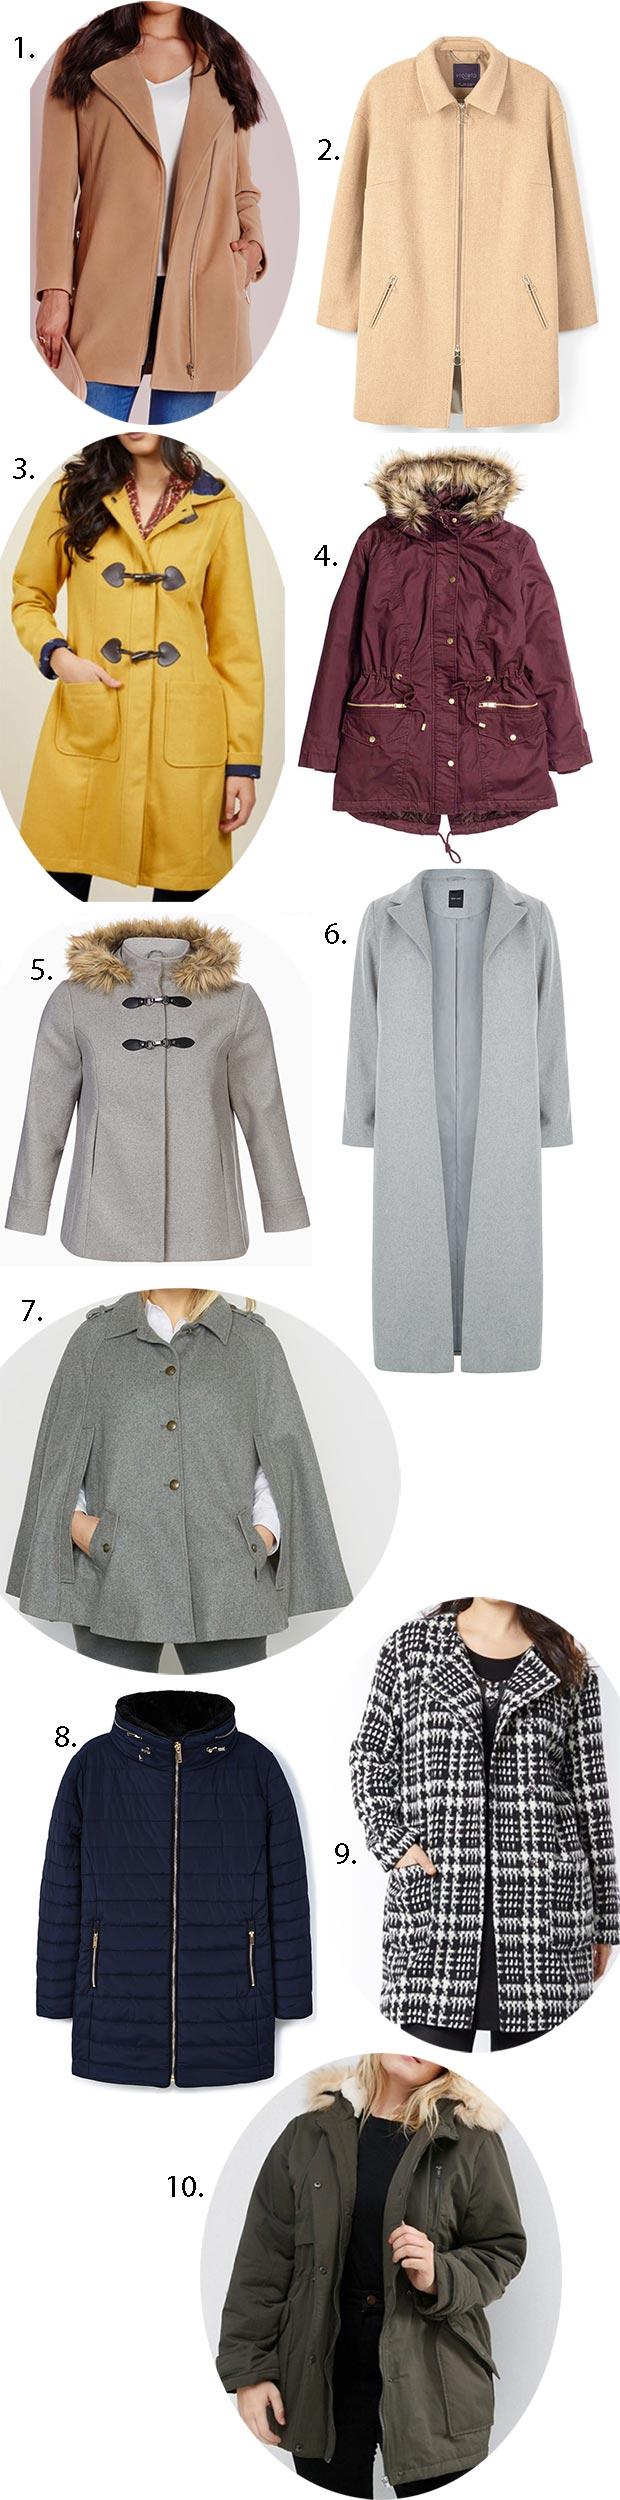 manteaux-grandes-tailles